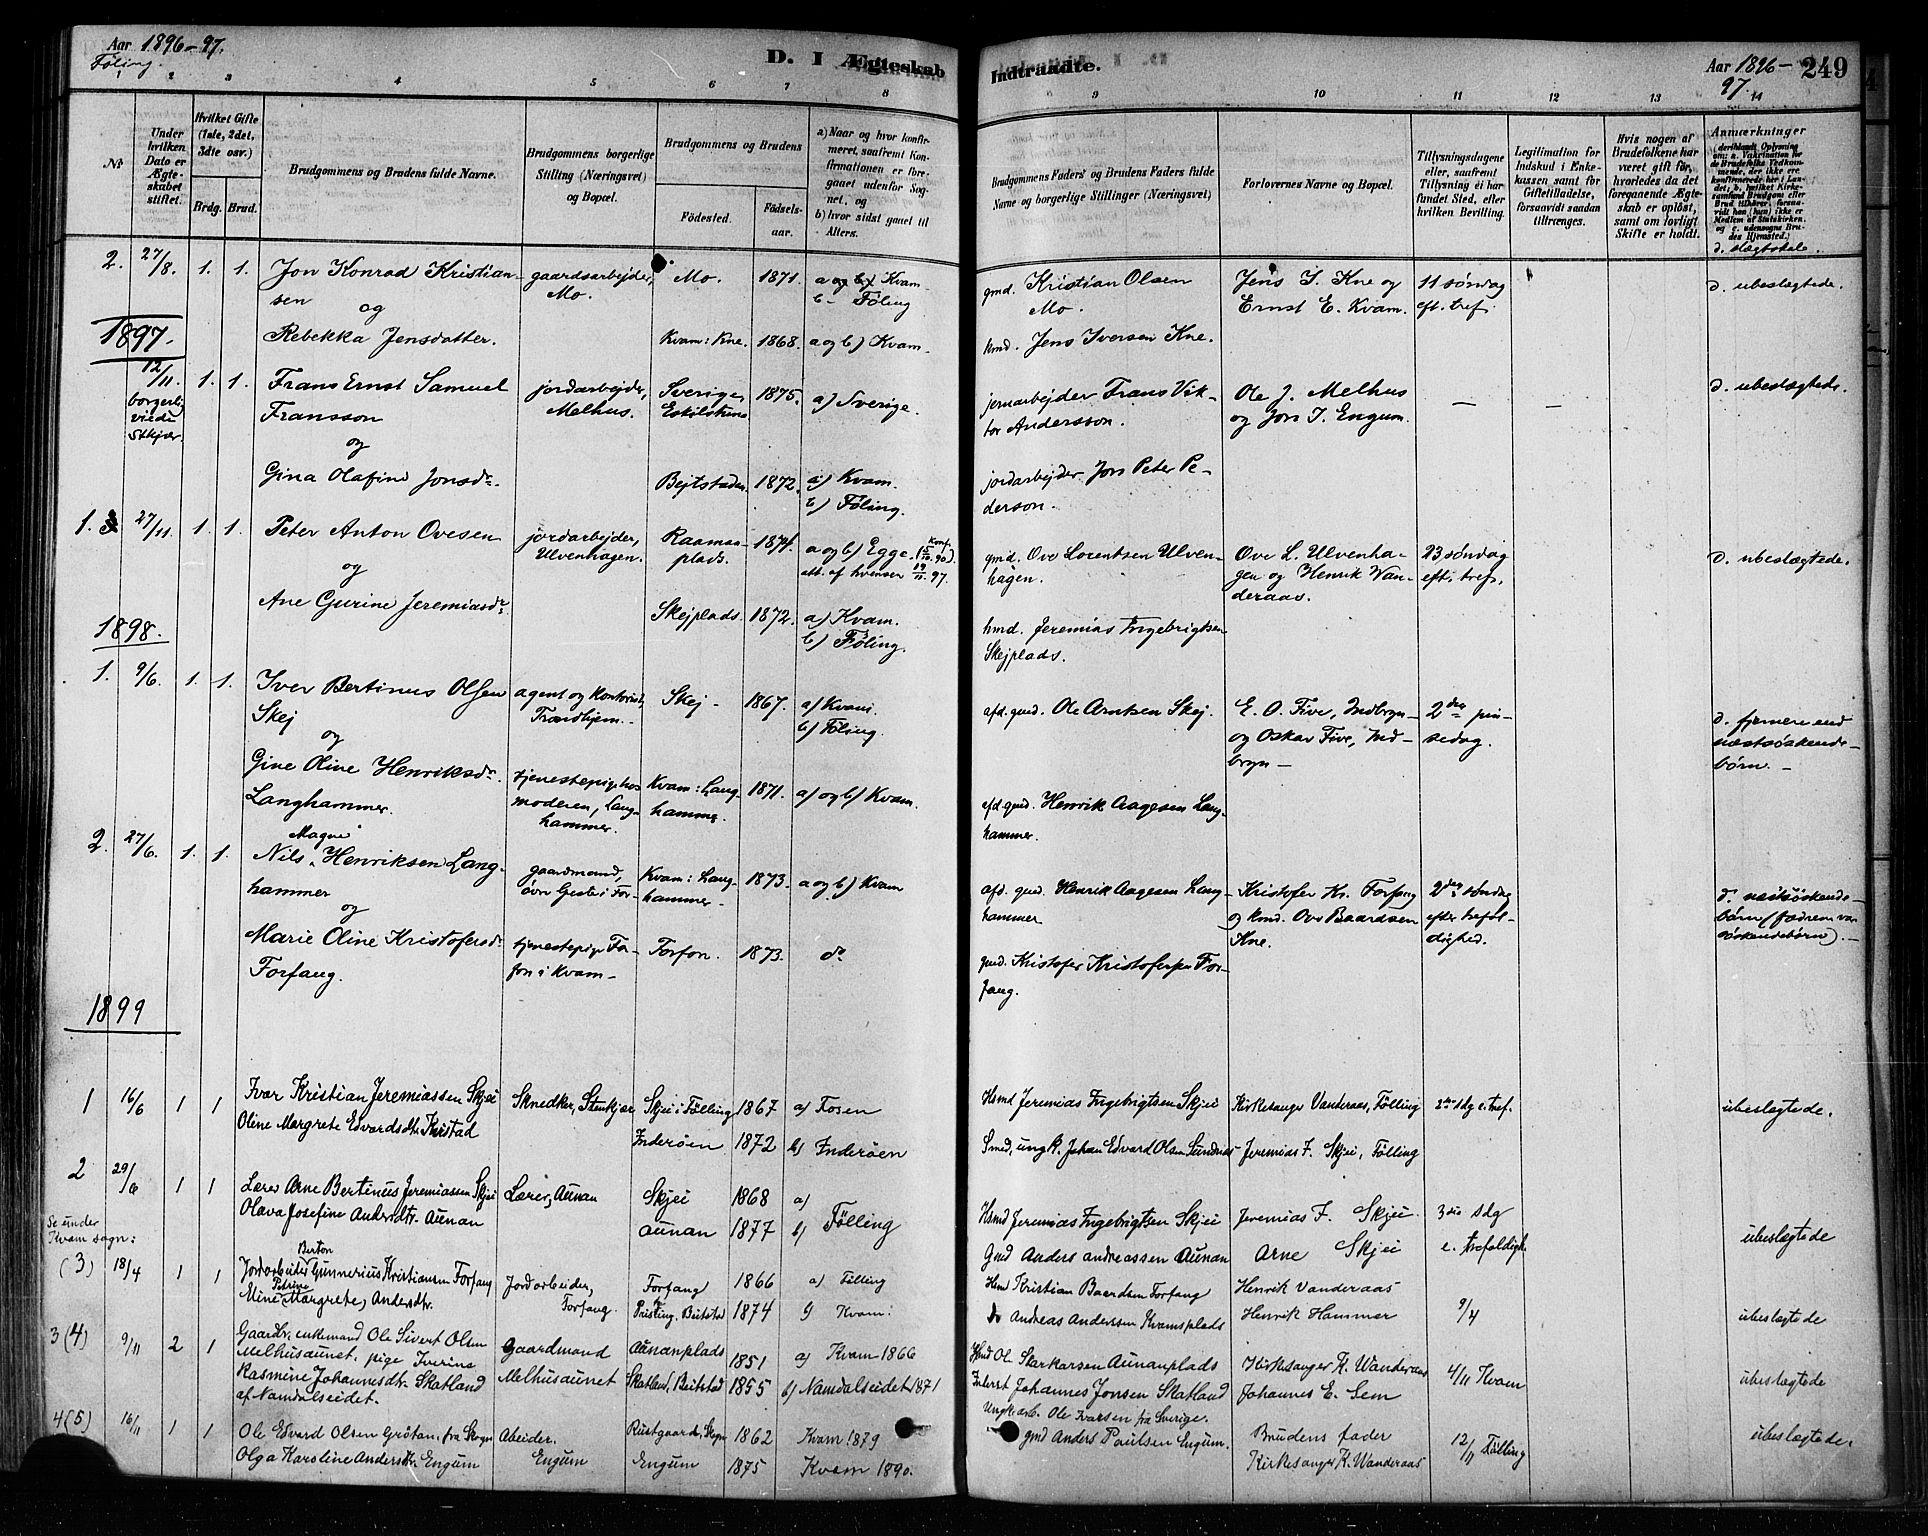 SAT, Ministerialprotokoller, klokkerbøker og fødselsregistre - Nord-Trøndelag, 746/L0449: Ministerialbok nr. 746A07 /3, 1878-1899, s. 249